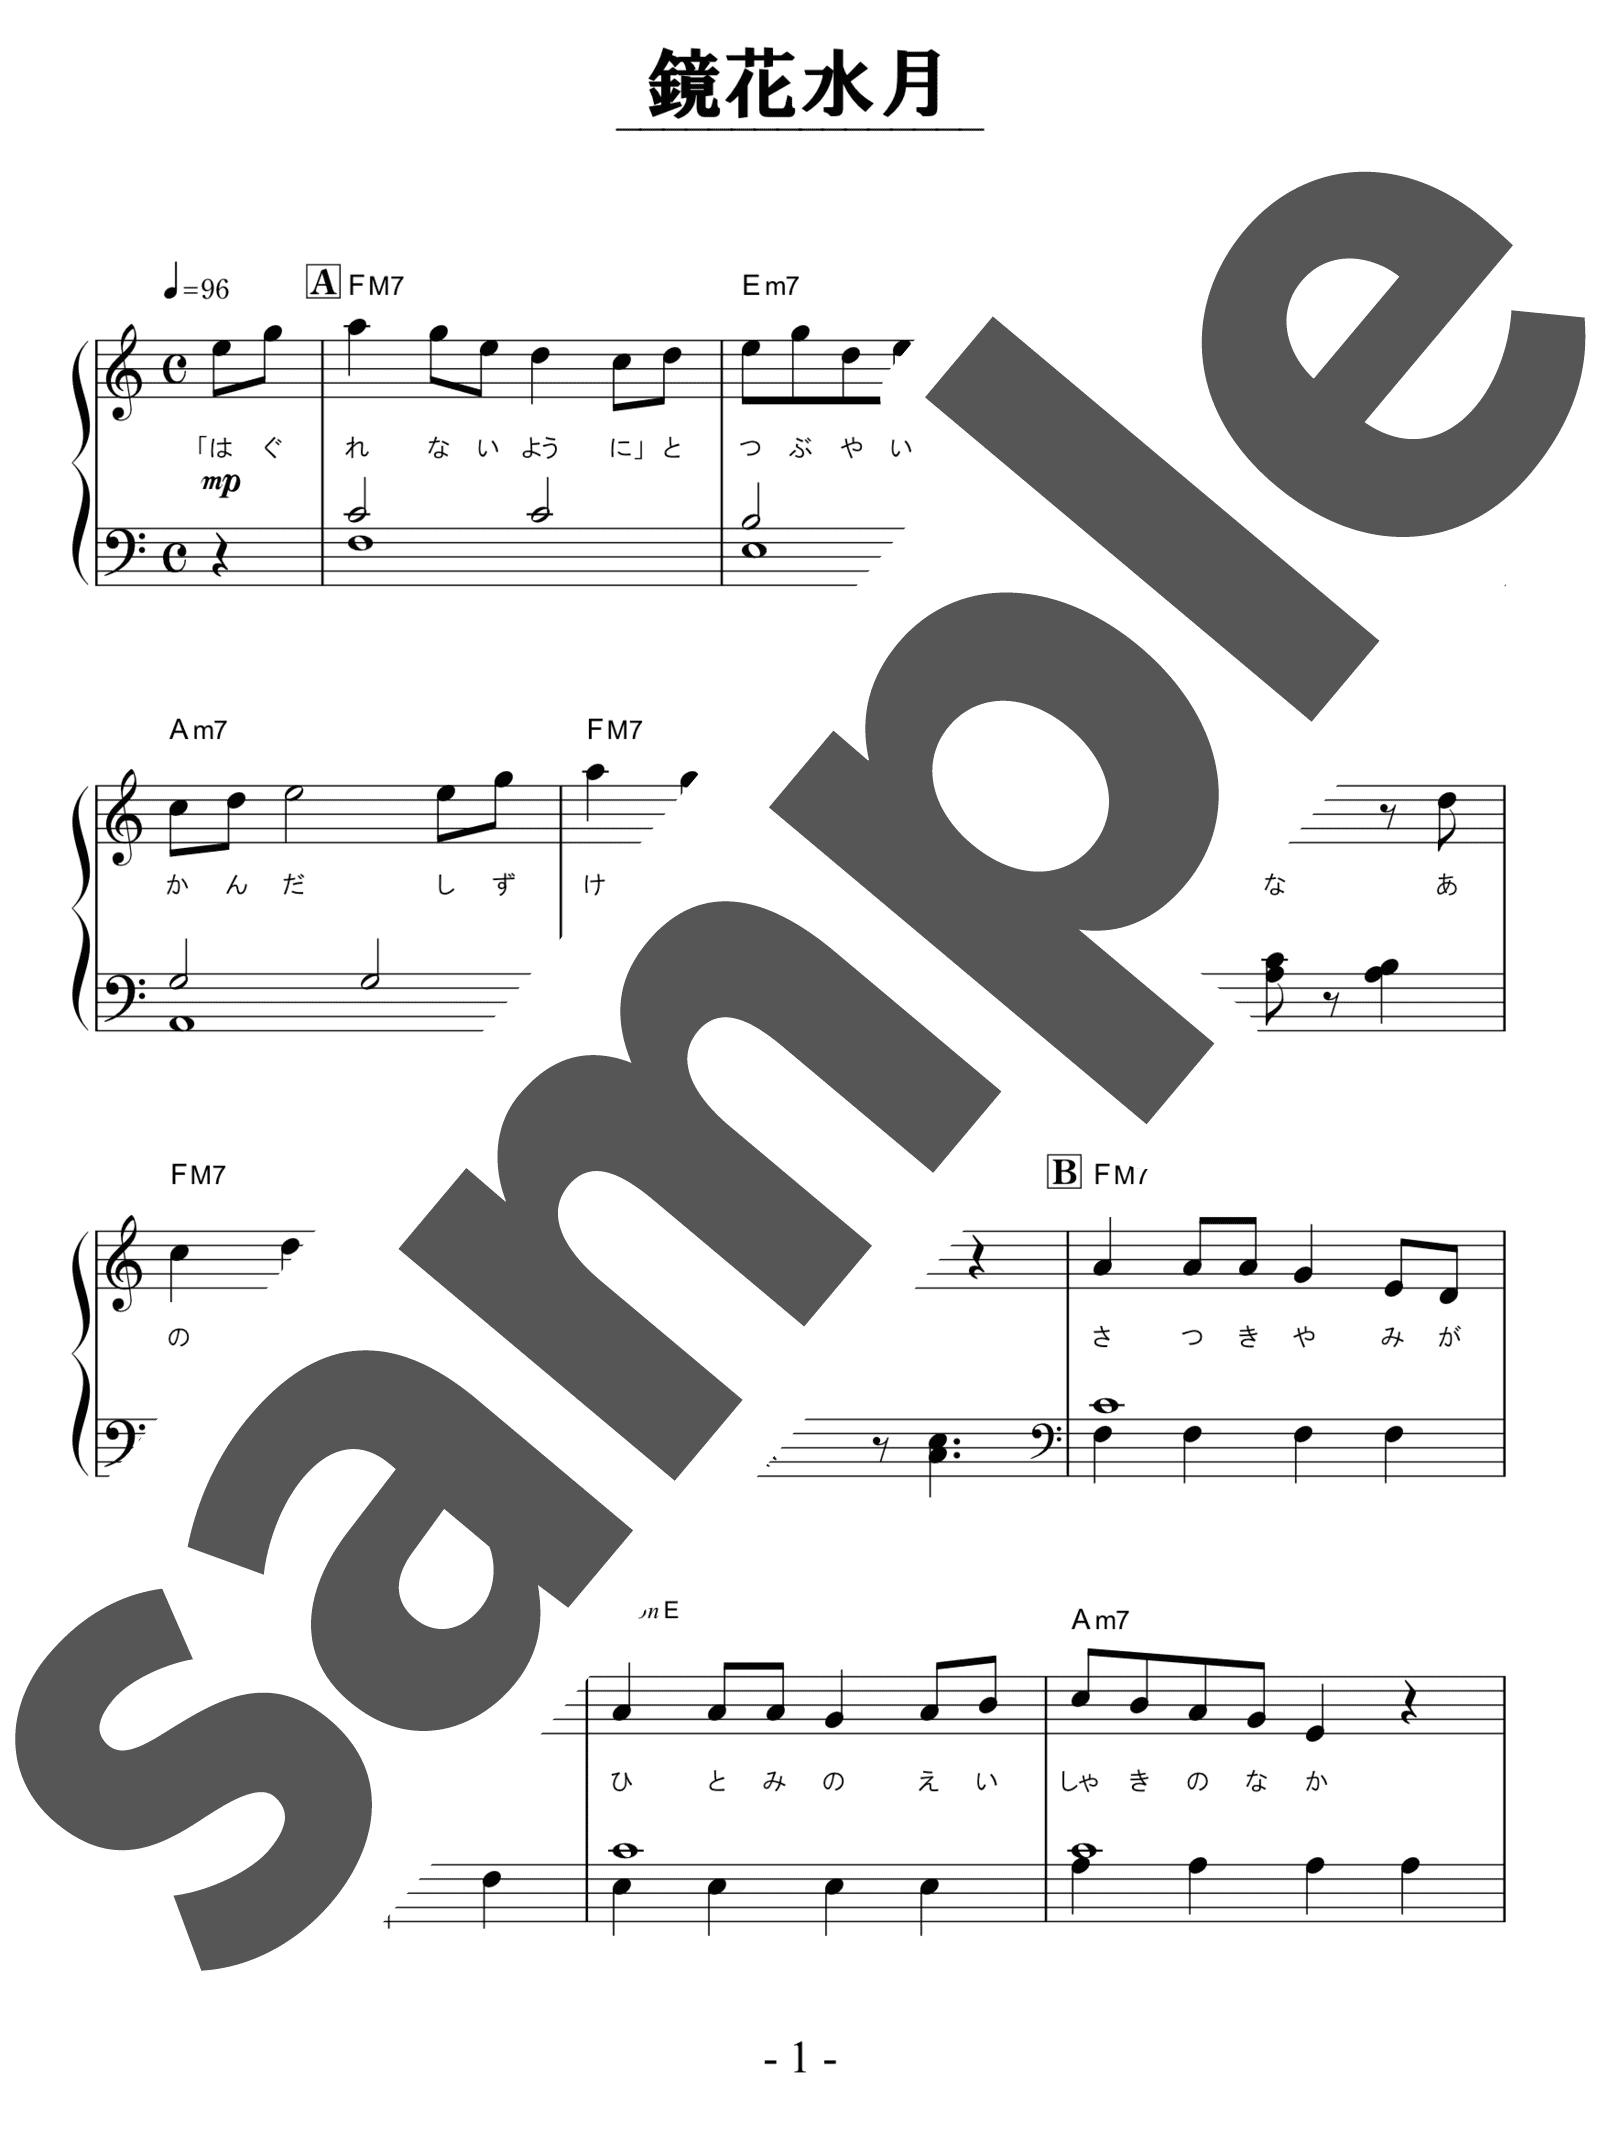 「鏡花水月」のサンプル楽譜